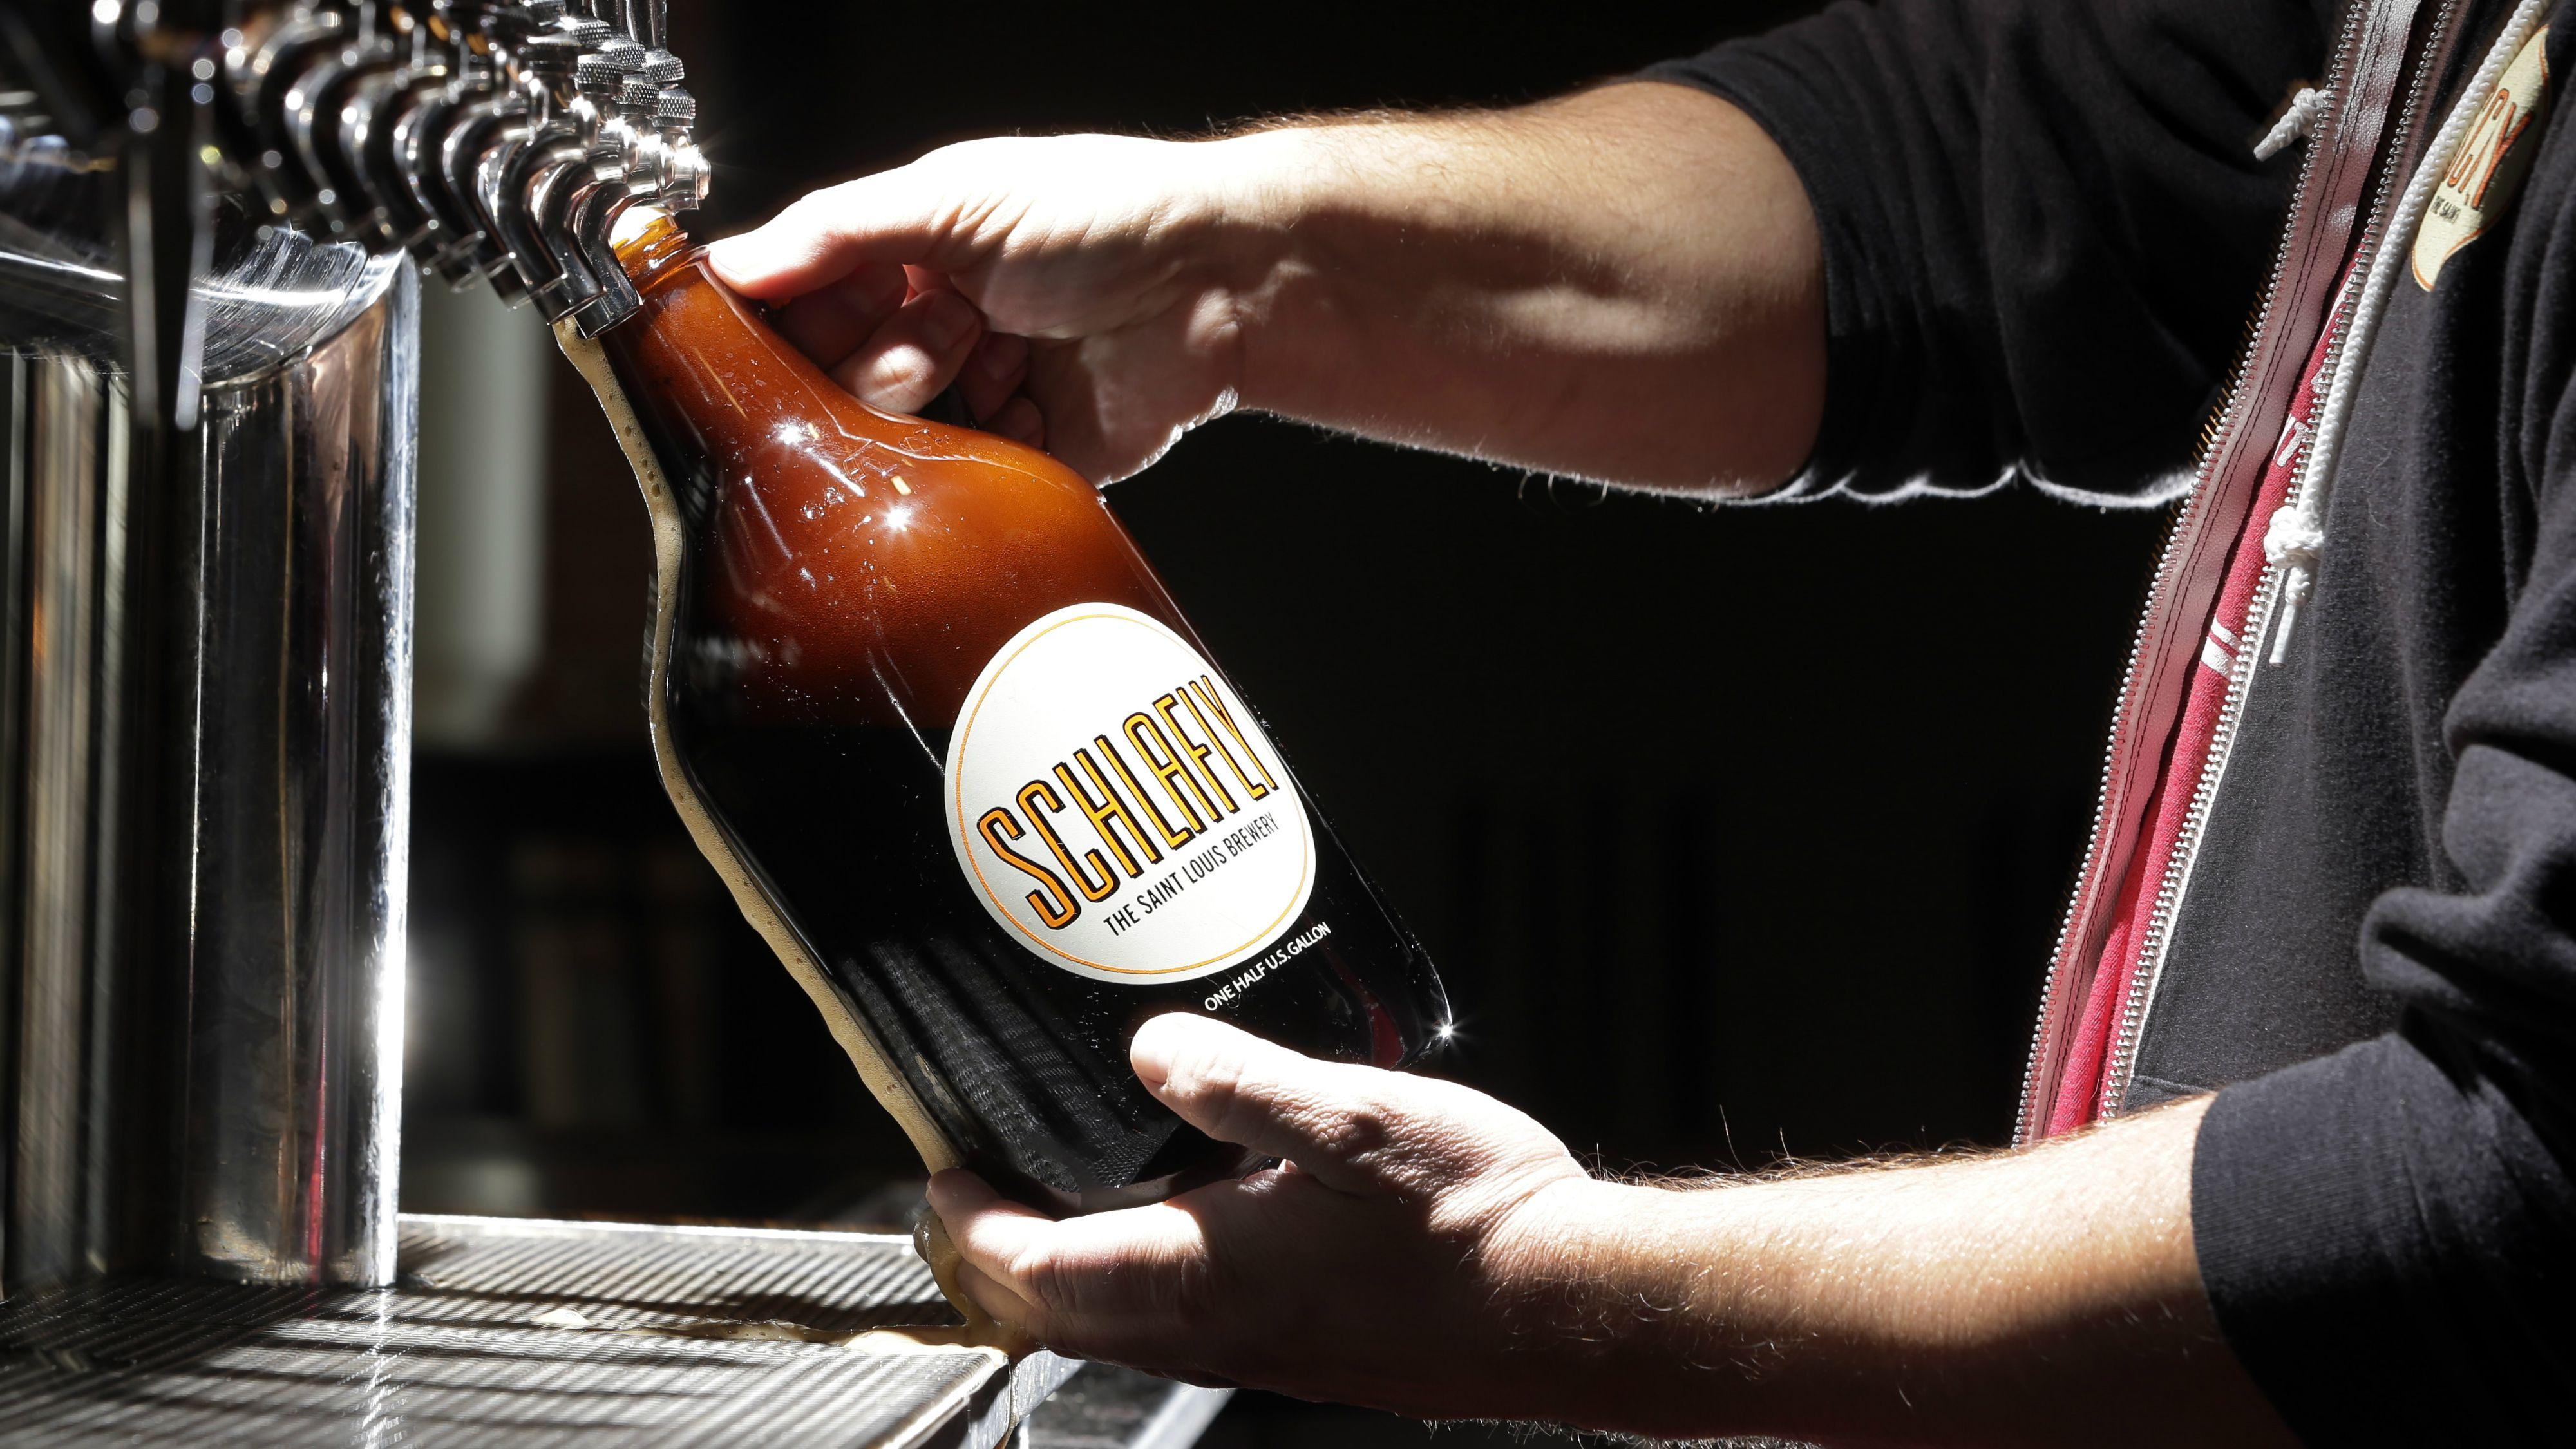 US-Brewieries-Beer-Manufacturing